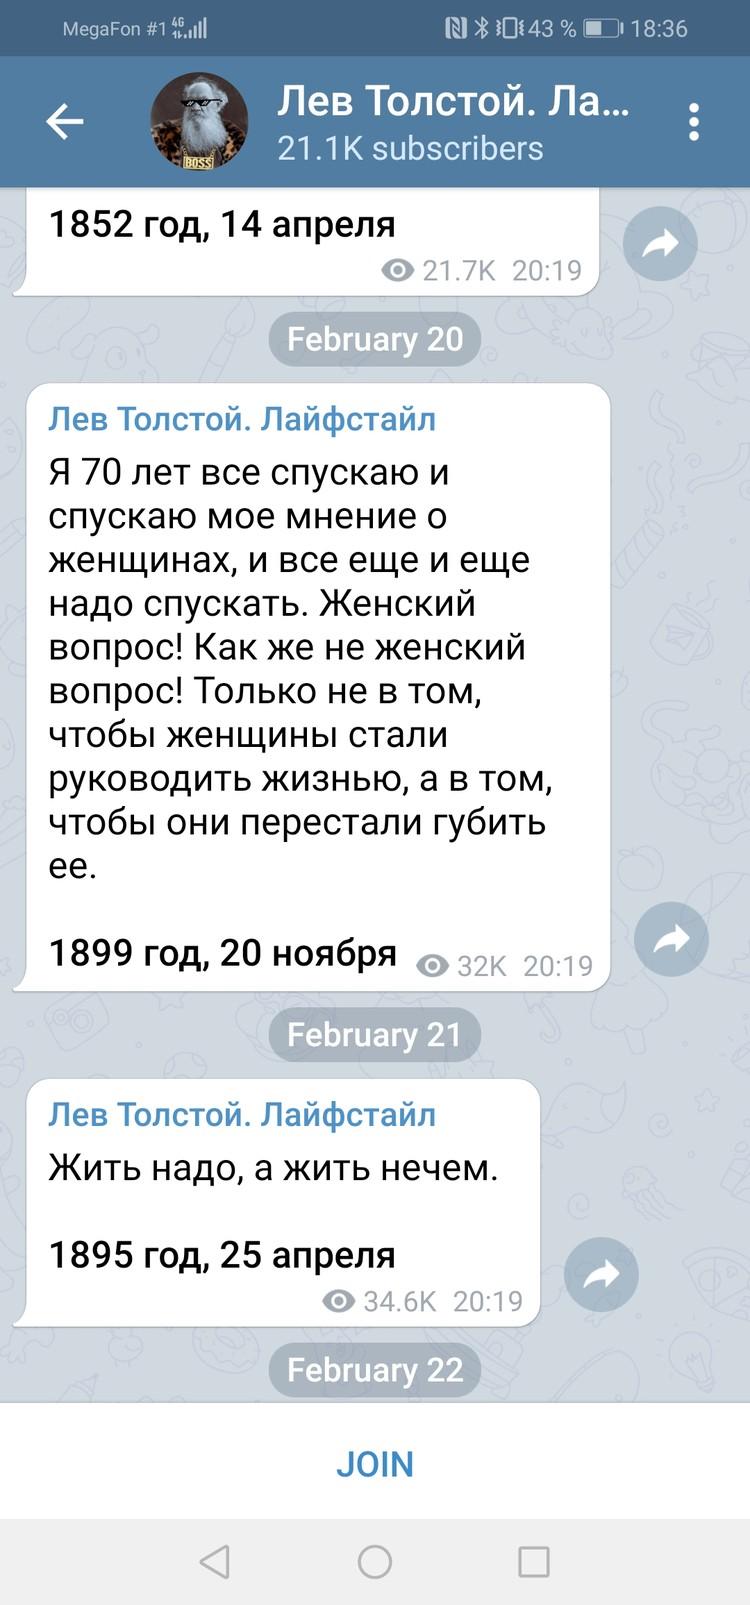 Лев Толстой охотно общается с фолловерами